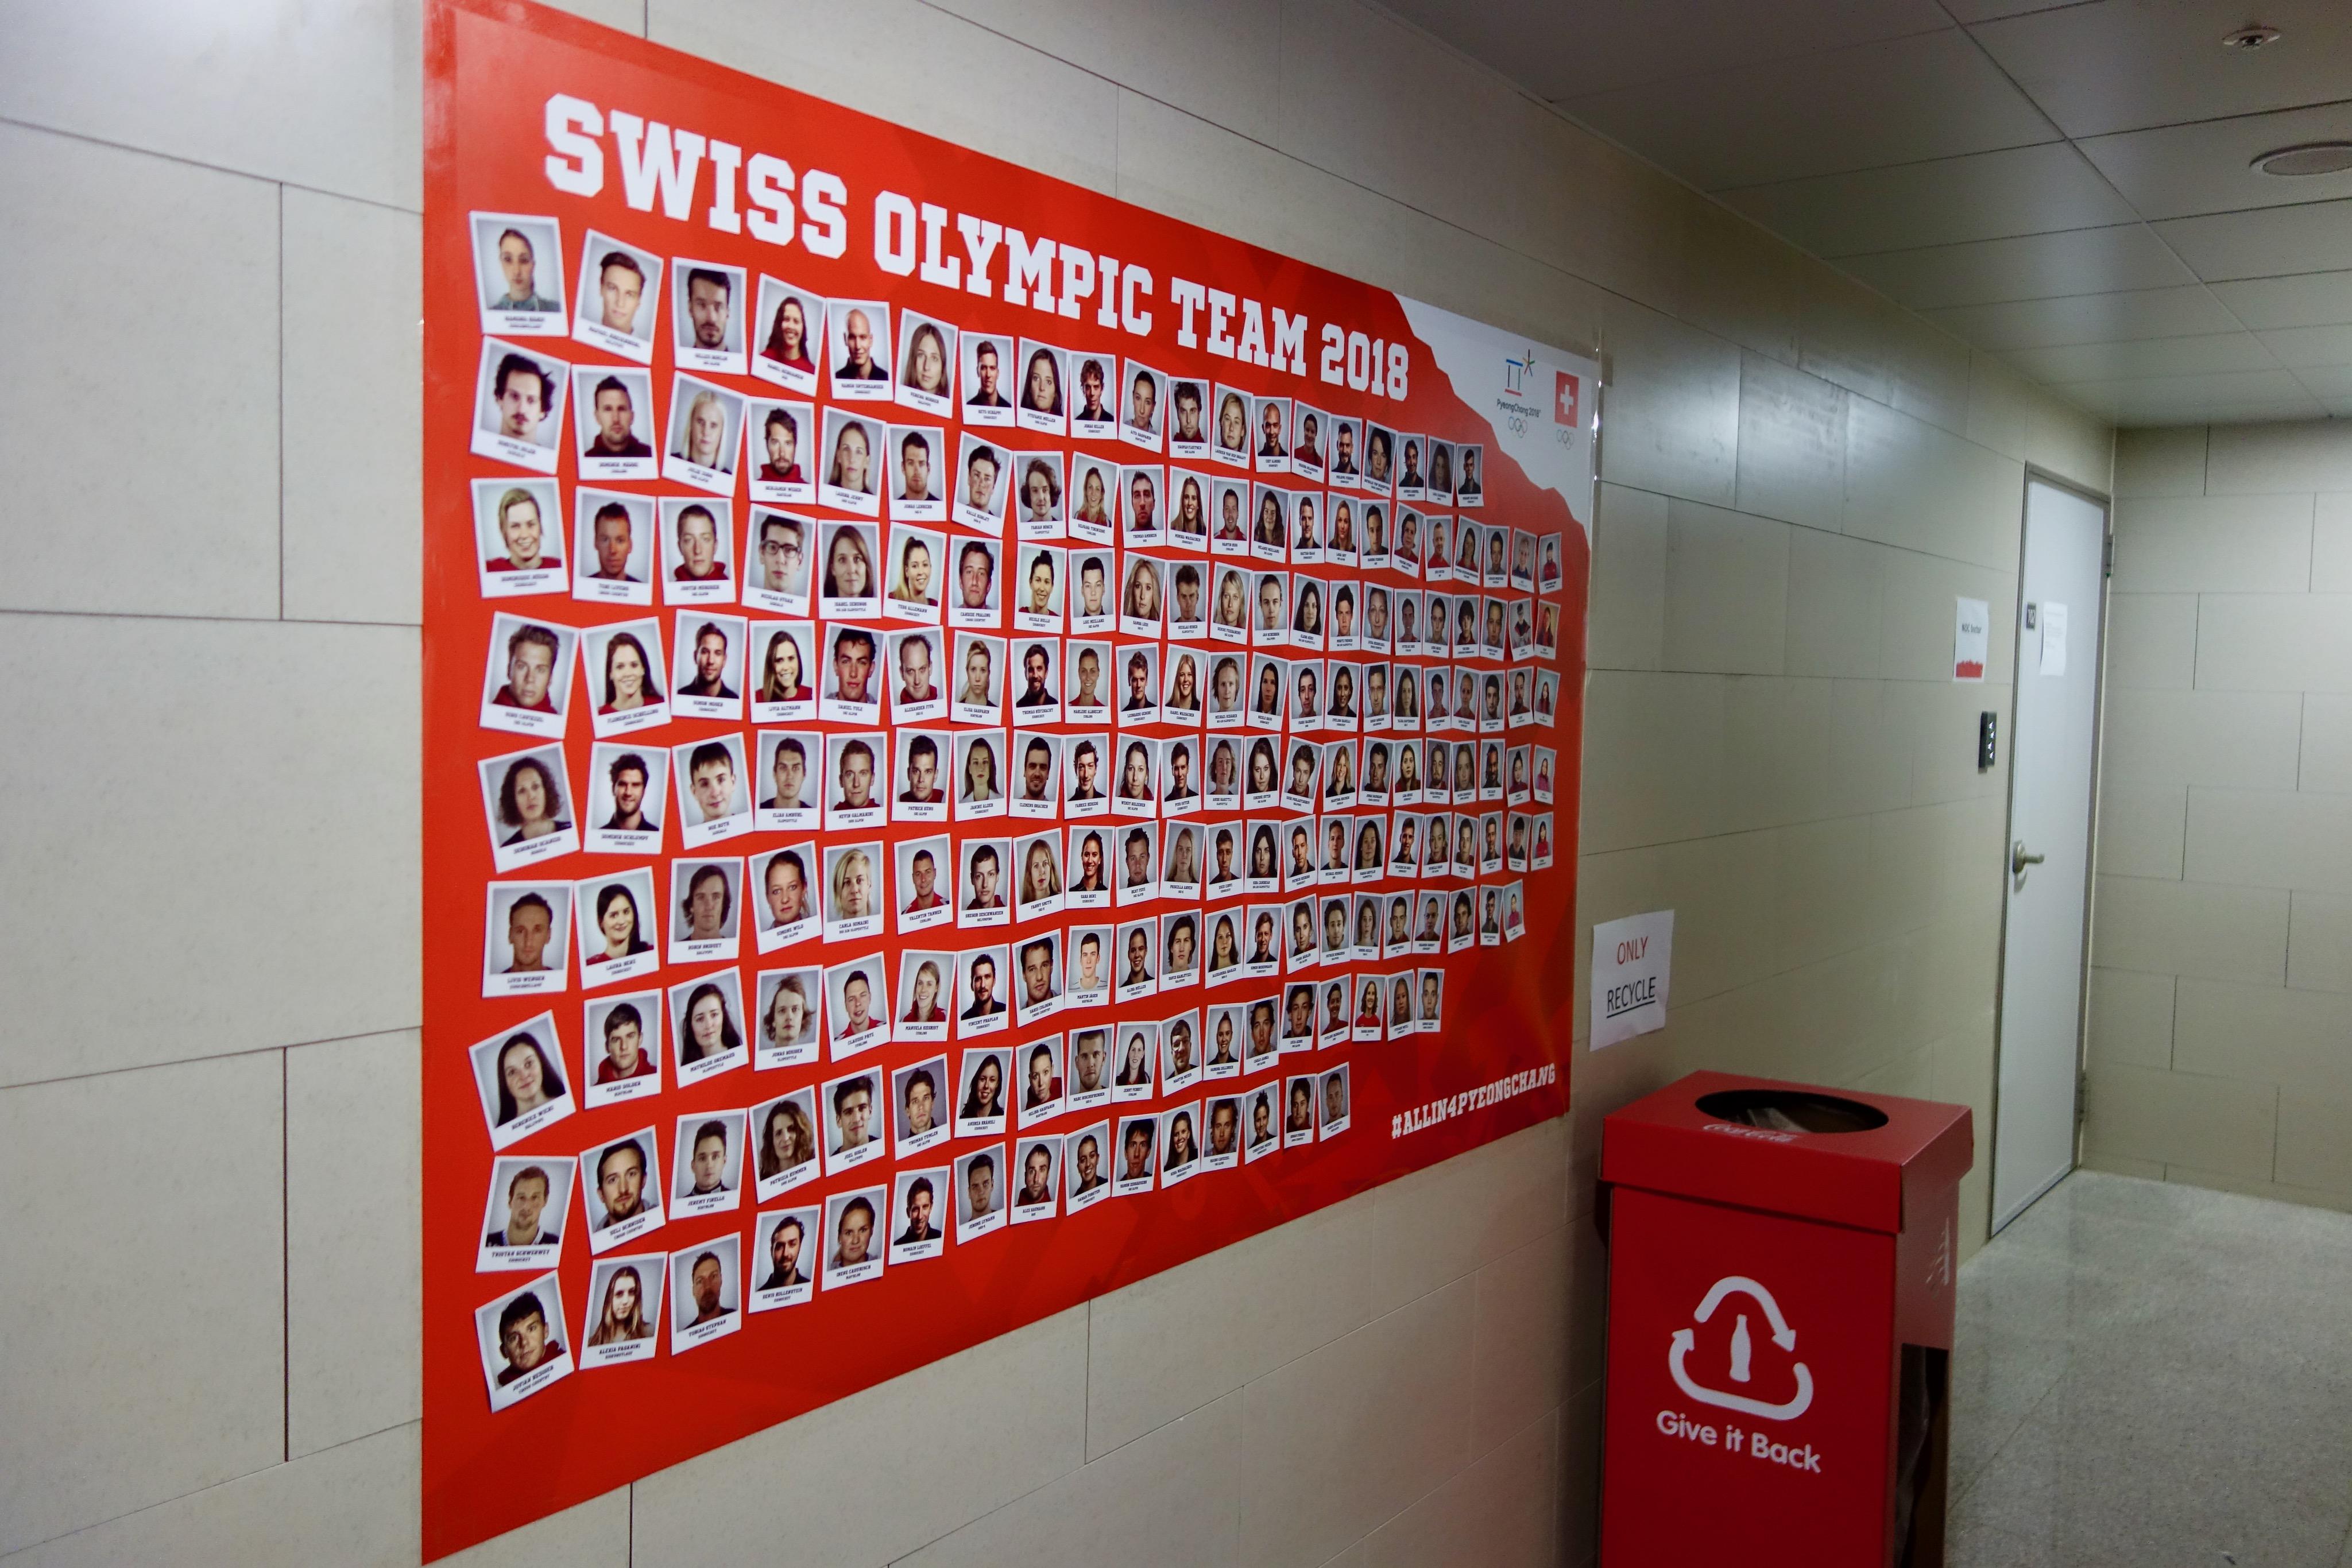 Les sélectionnés suisses, au pied de l'immeuble de la Swiss Olympic Team.